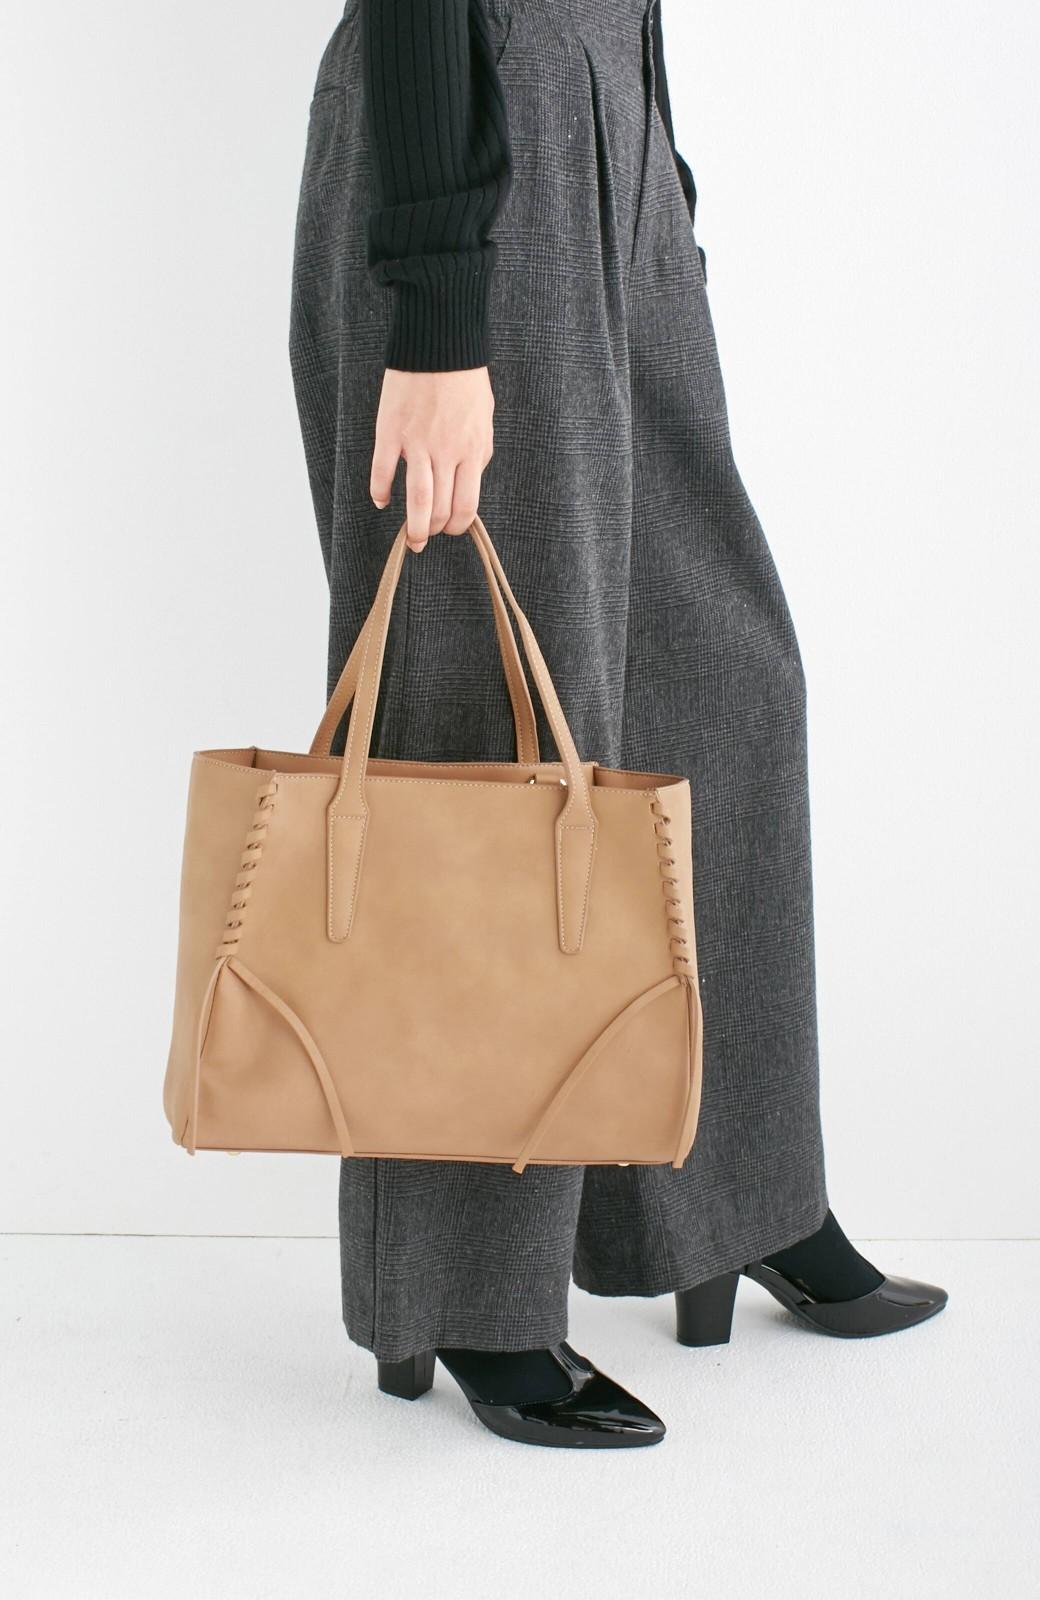 エムトロワ 編み込みデザインがかわいいフェミニントートバッグ <ベージュ>の商品写真10